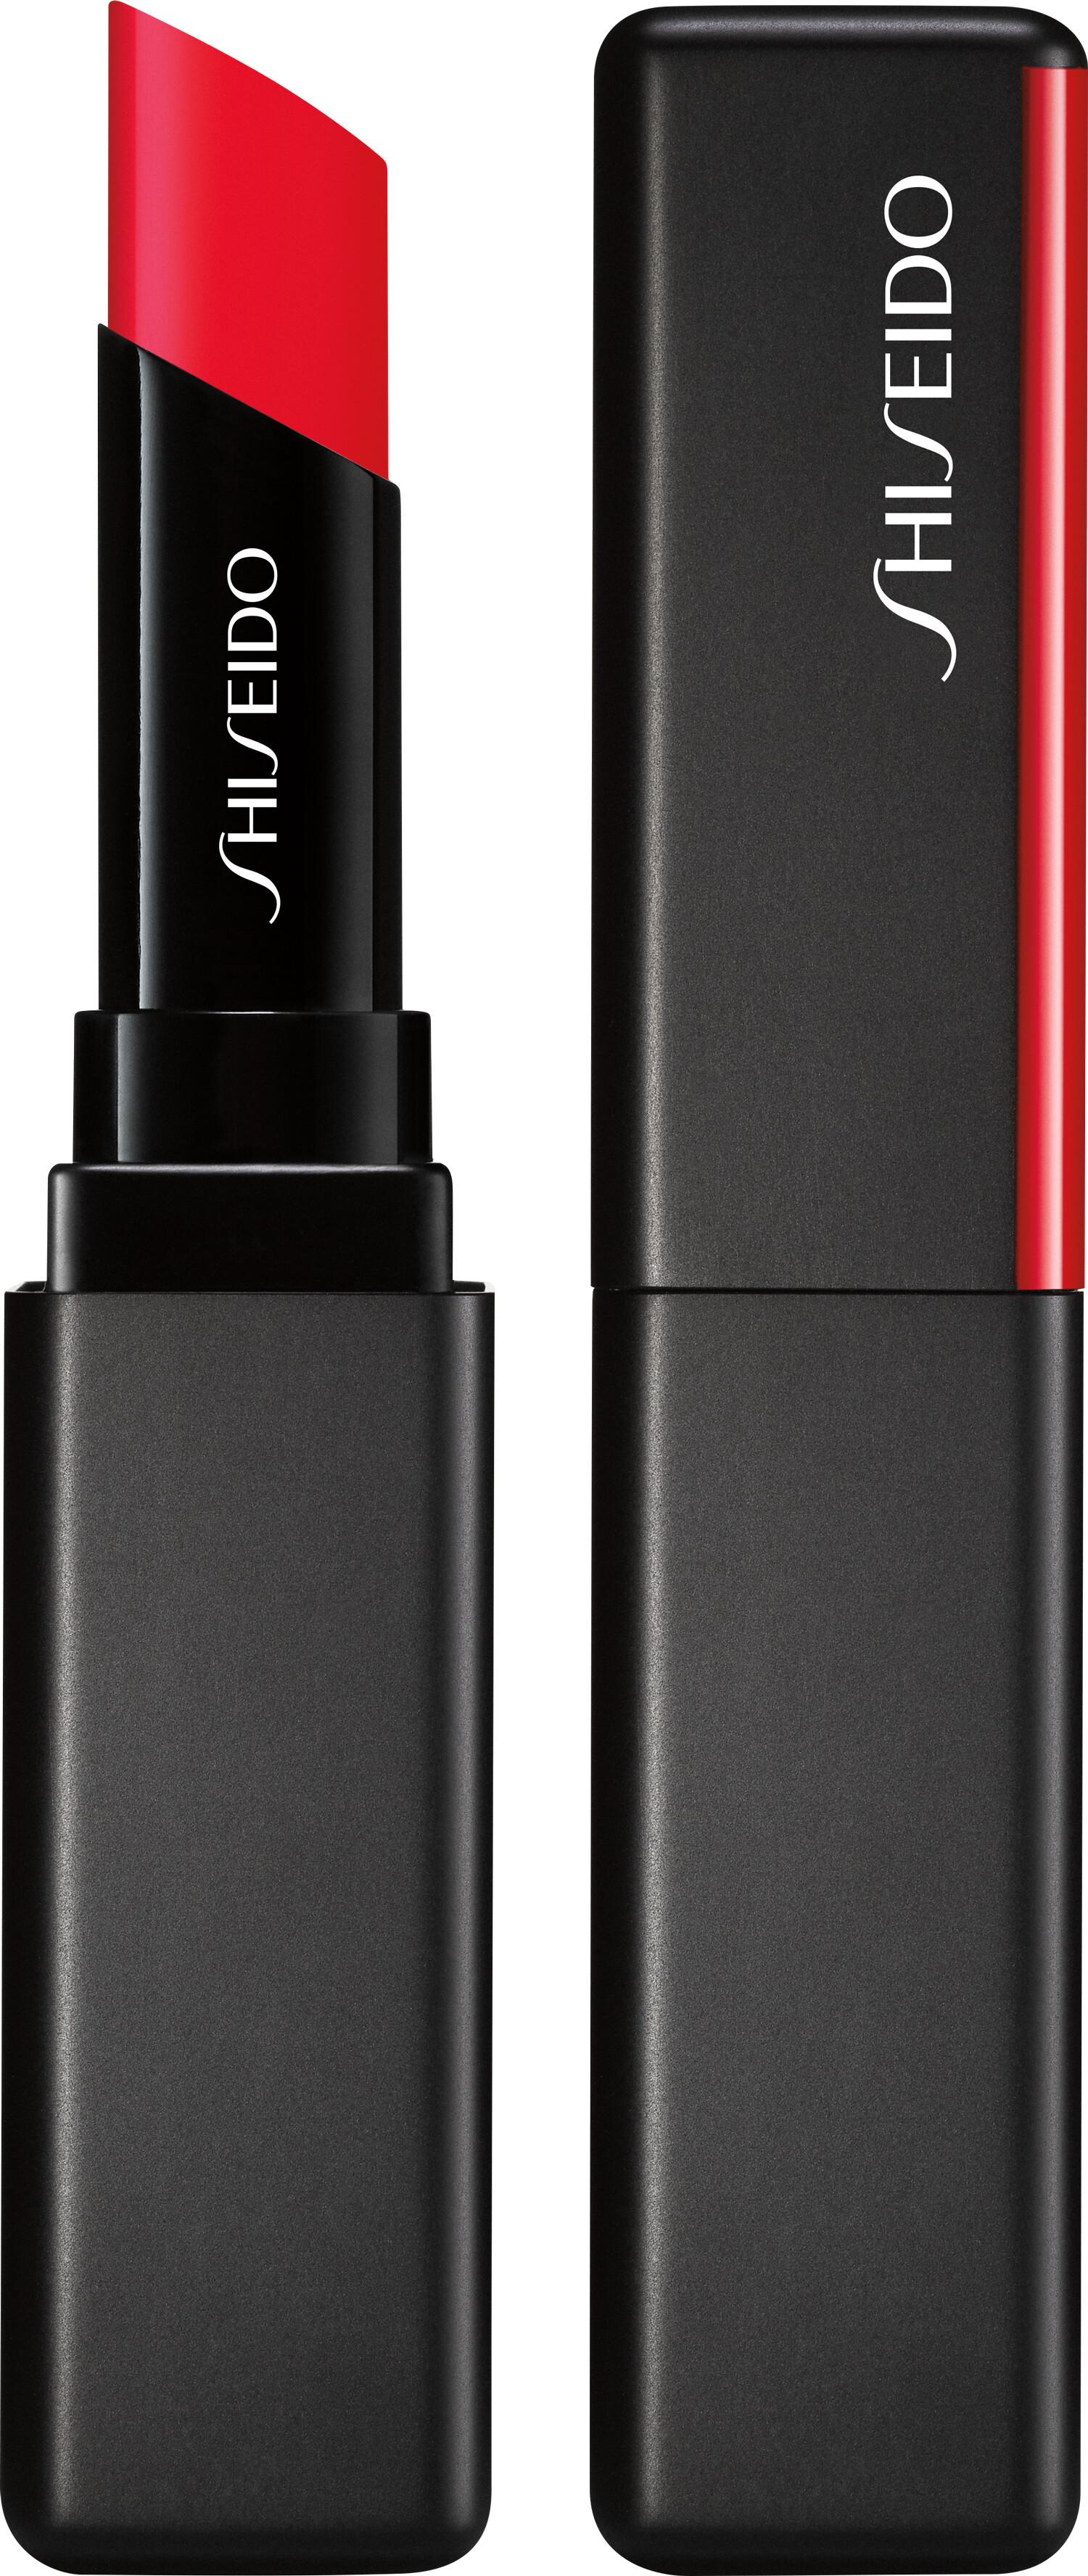 Shiseido VisionAiry Gel Lipstick 1.6g 219 - Firecracker